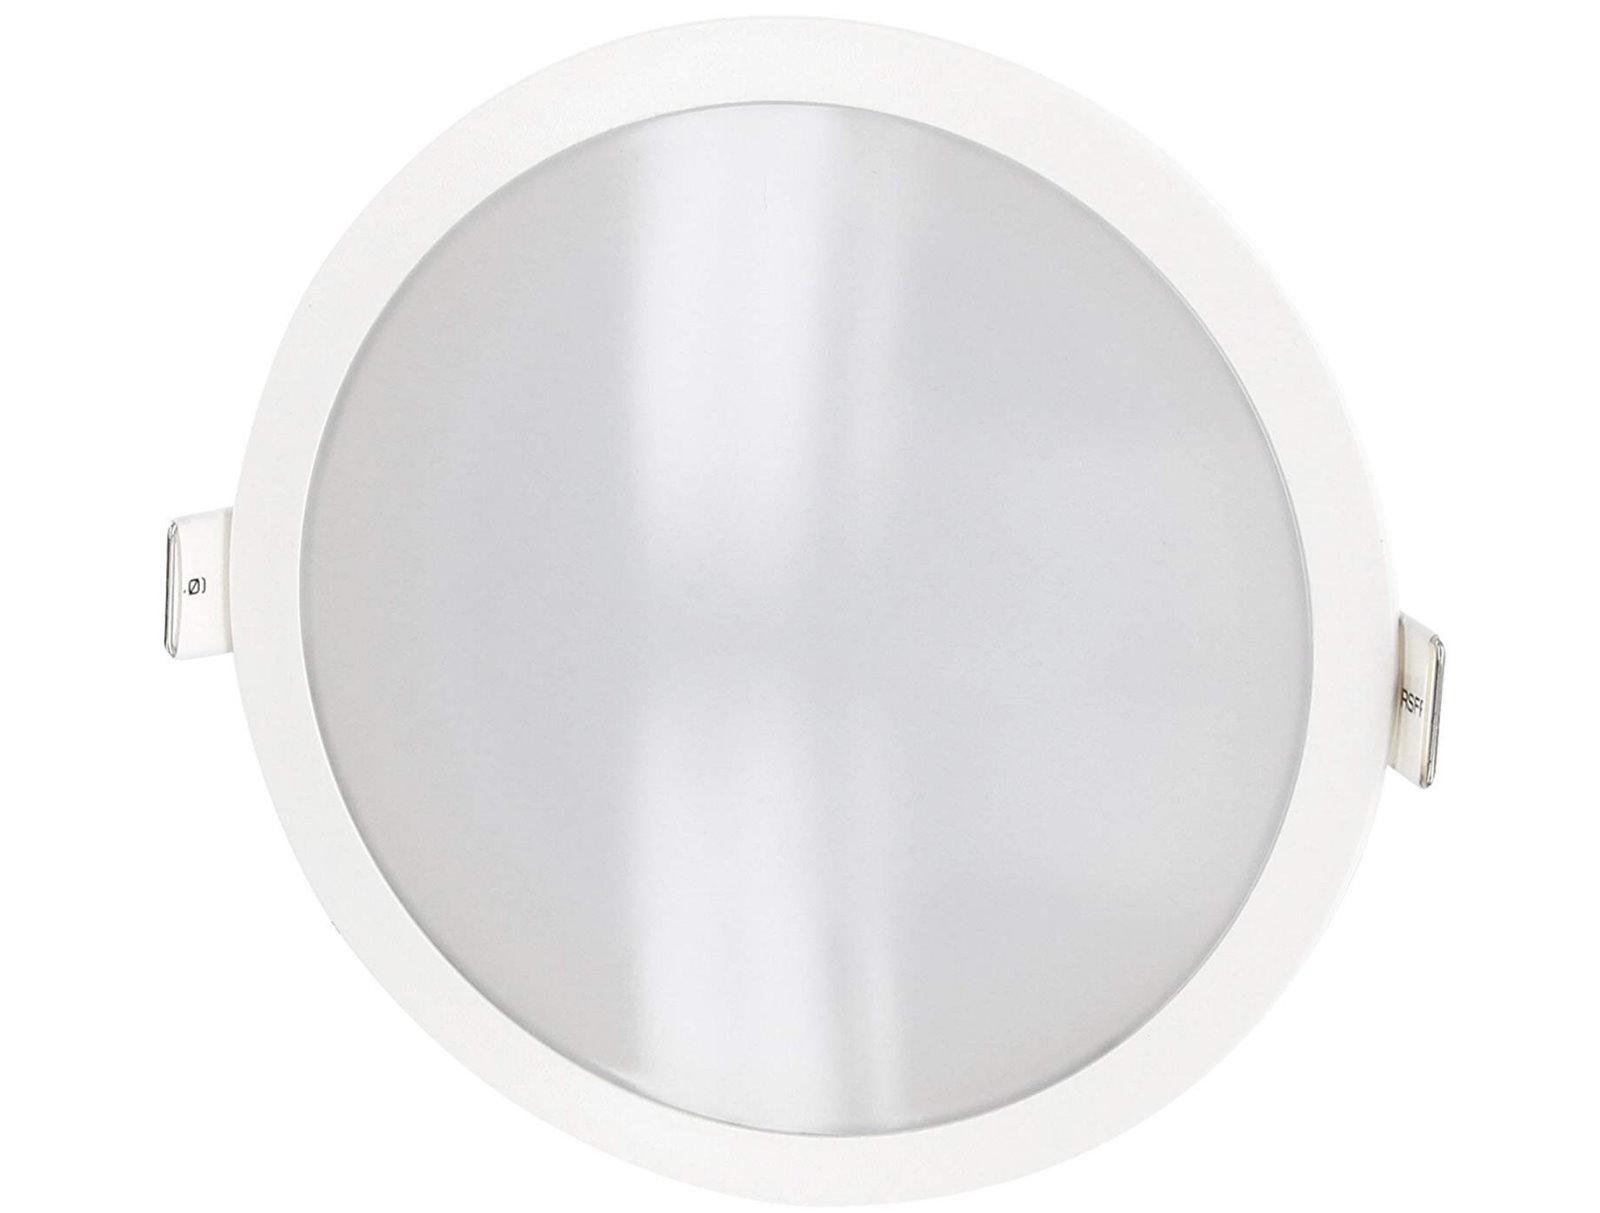 LED Feuchtraum Einbauleuchte Slim IP54 - 10W